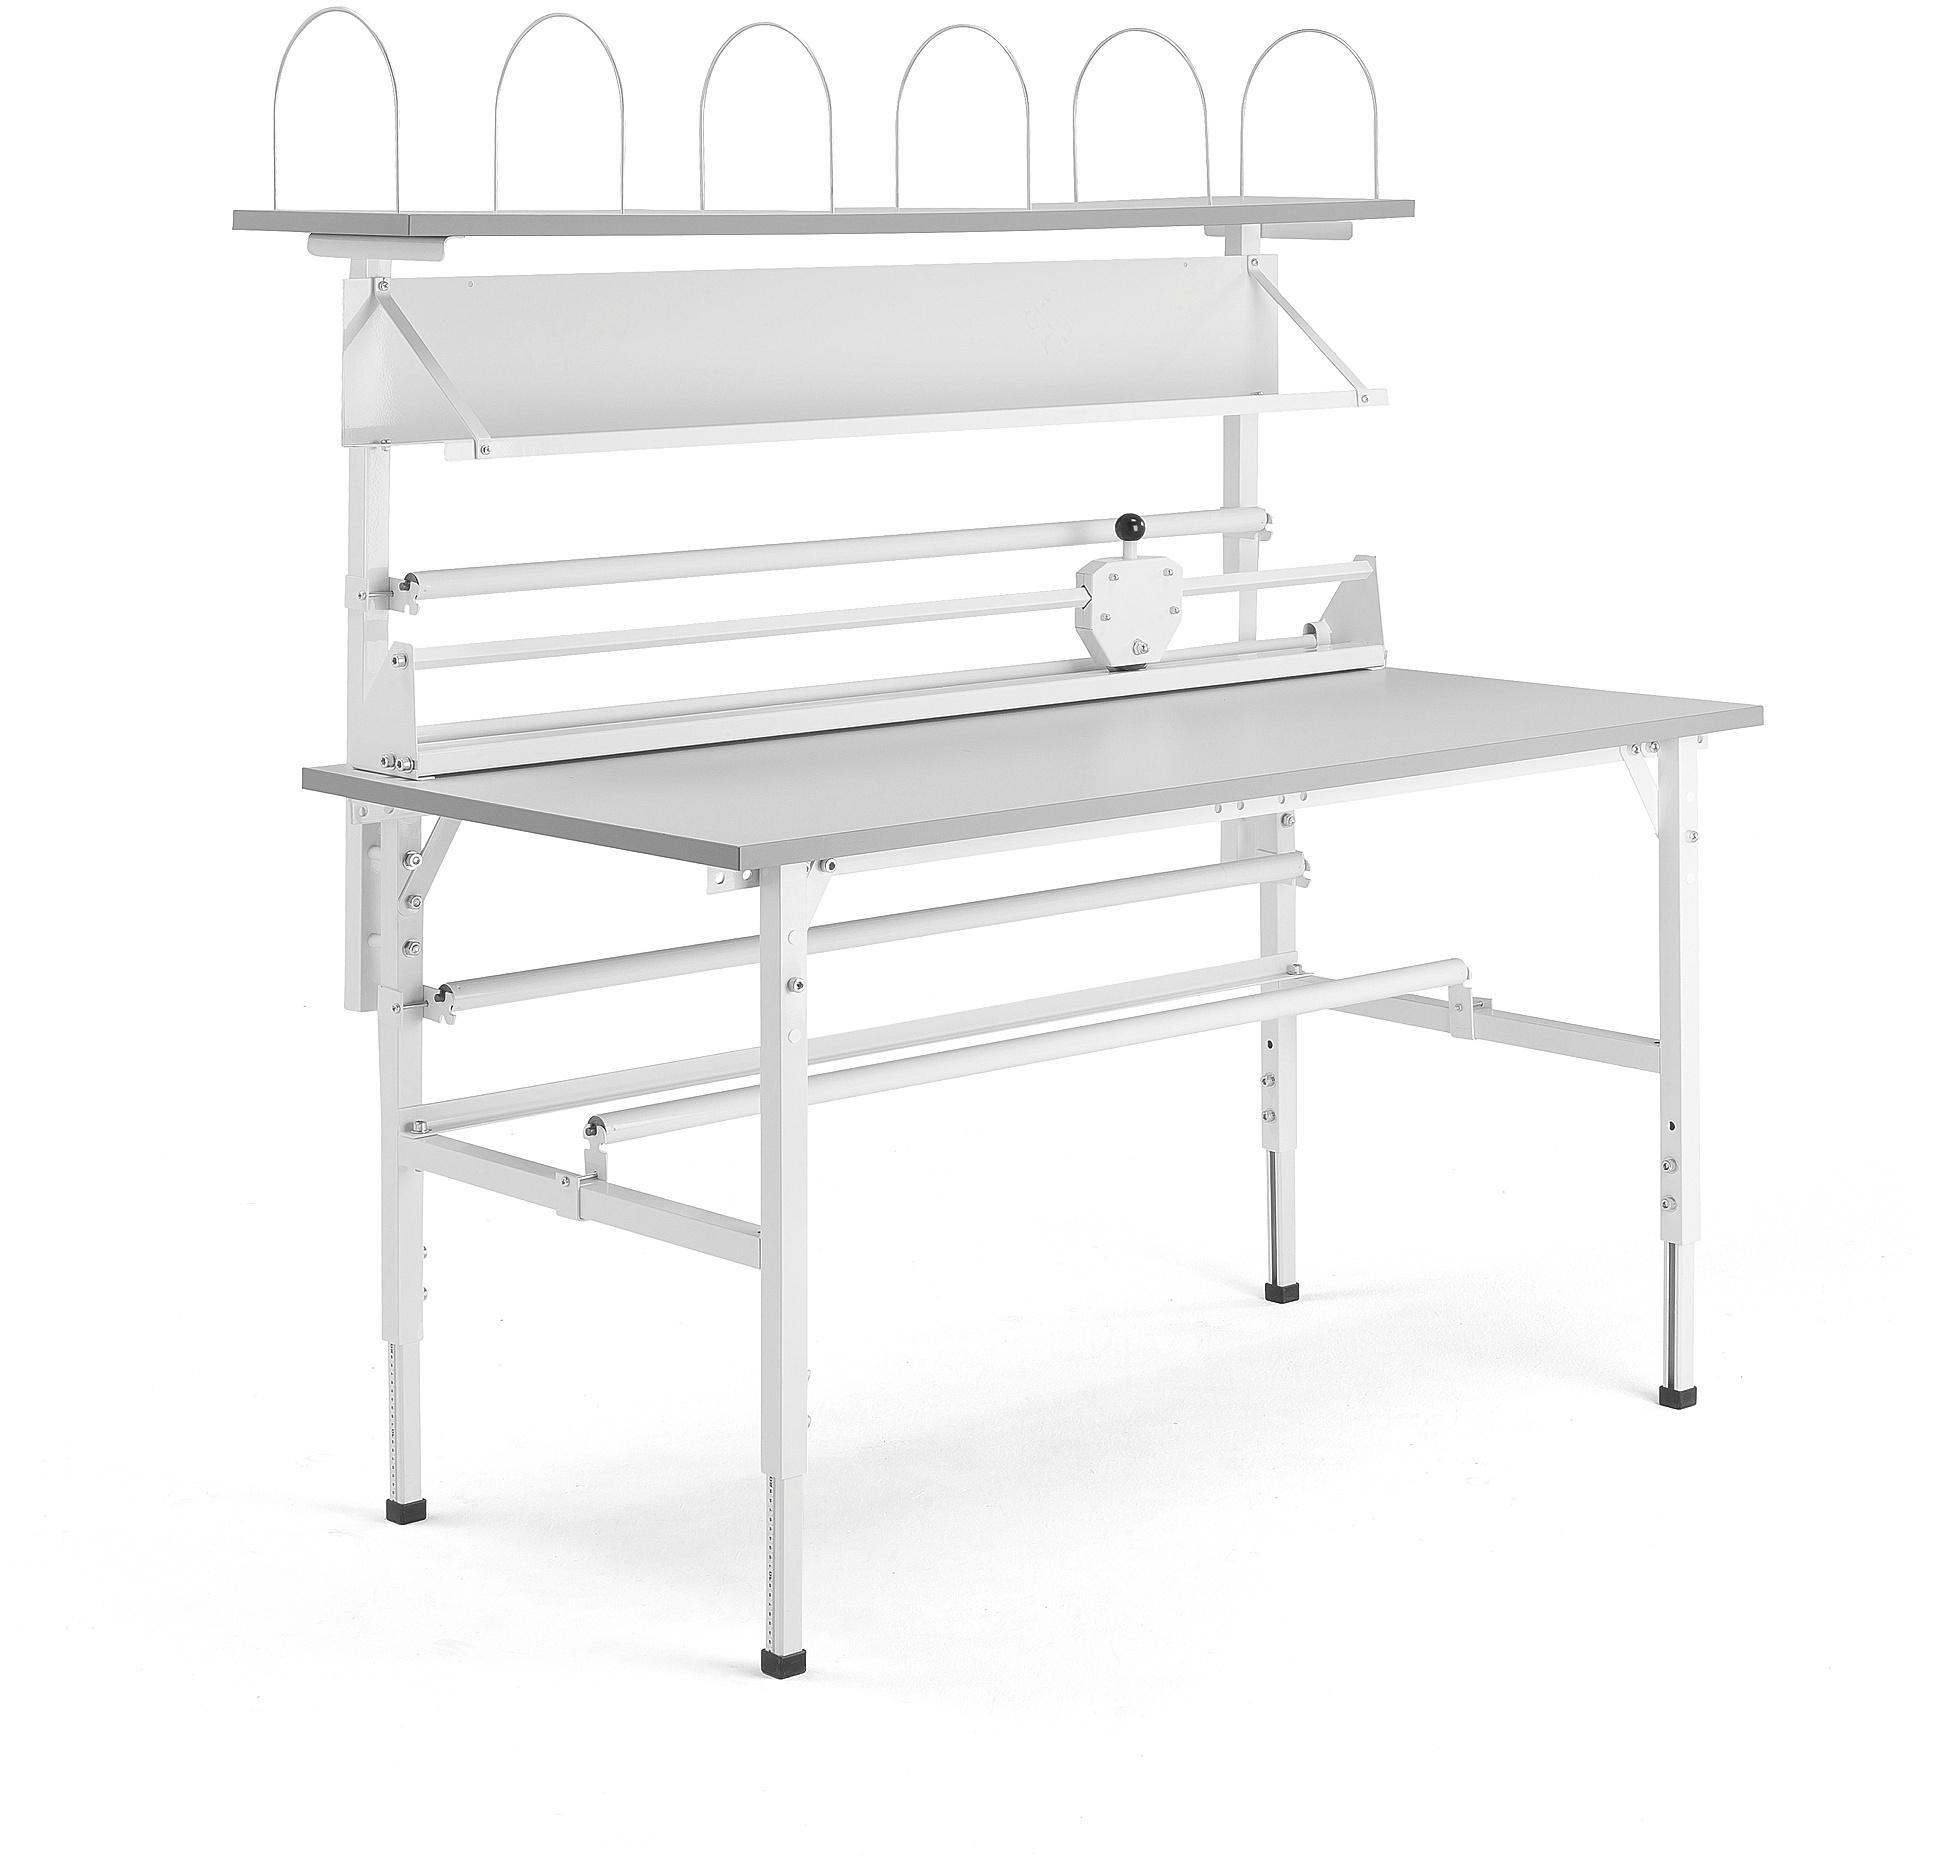 Dielenský baliaci stôl Send, s policami, 1600x800 mm, šedý